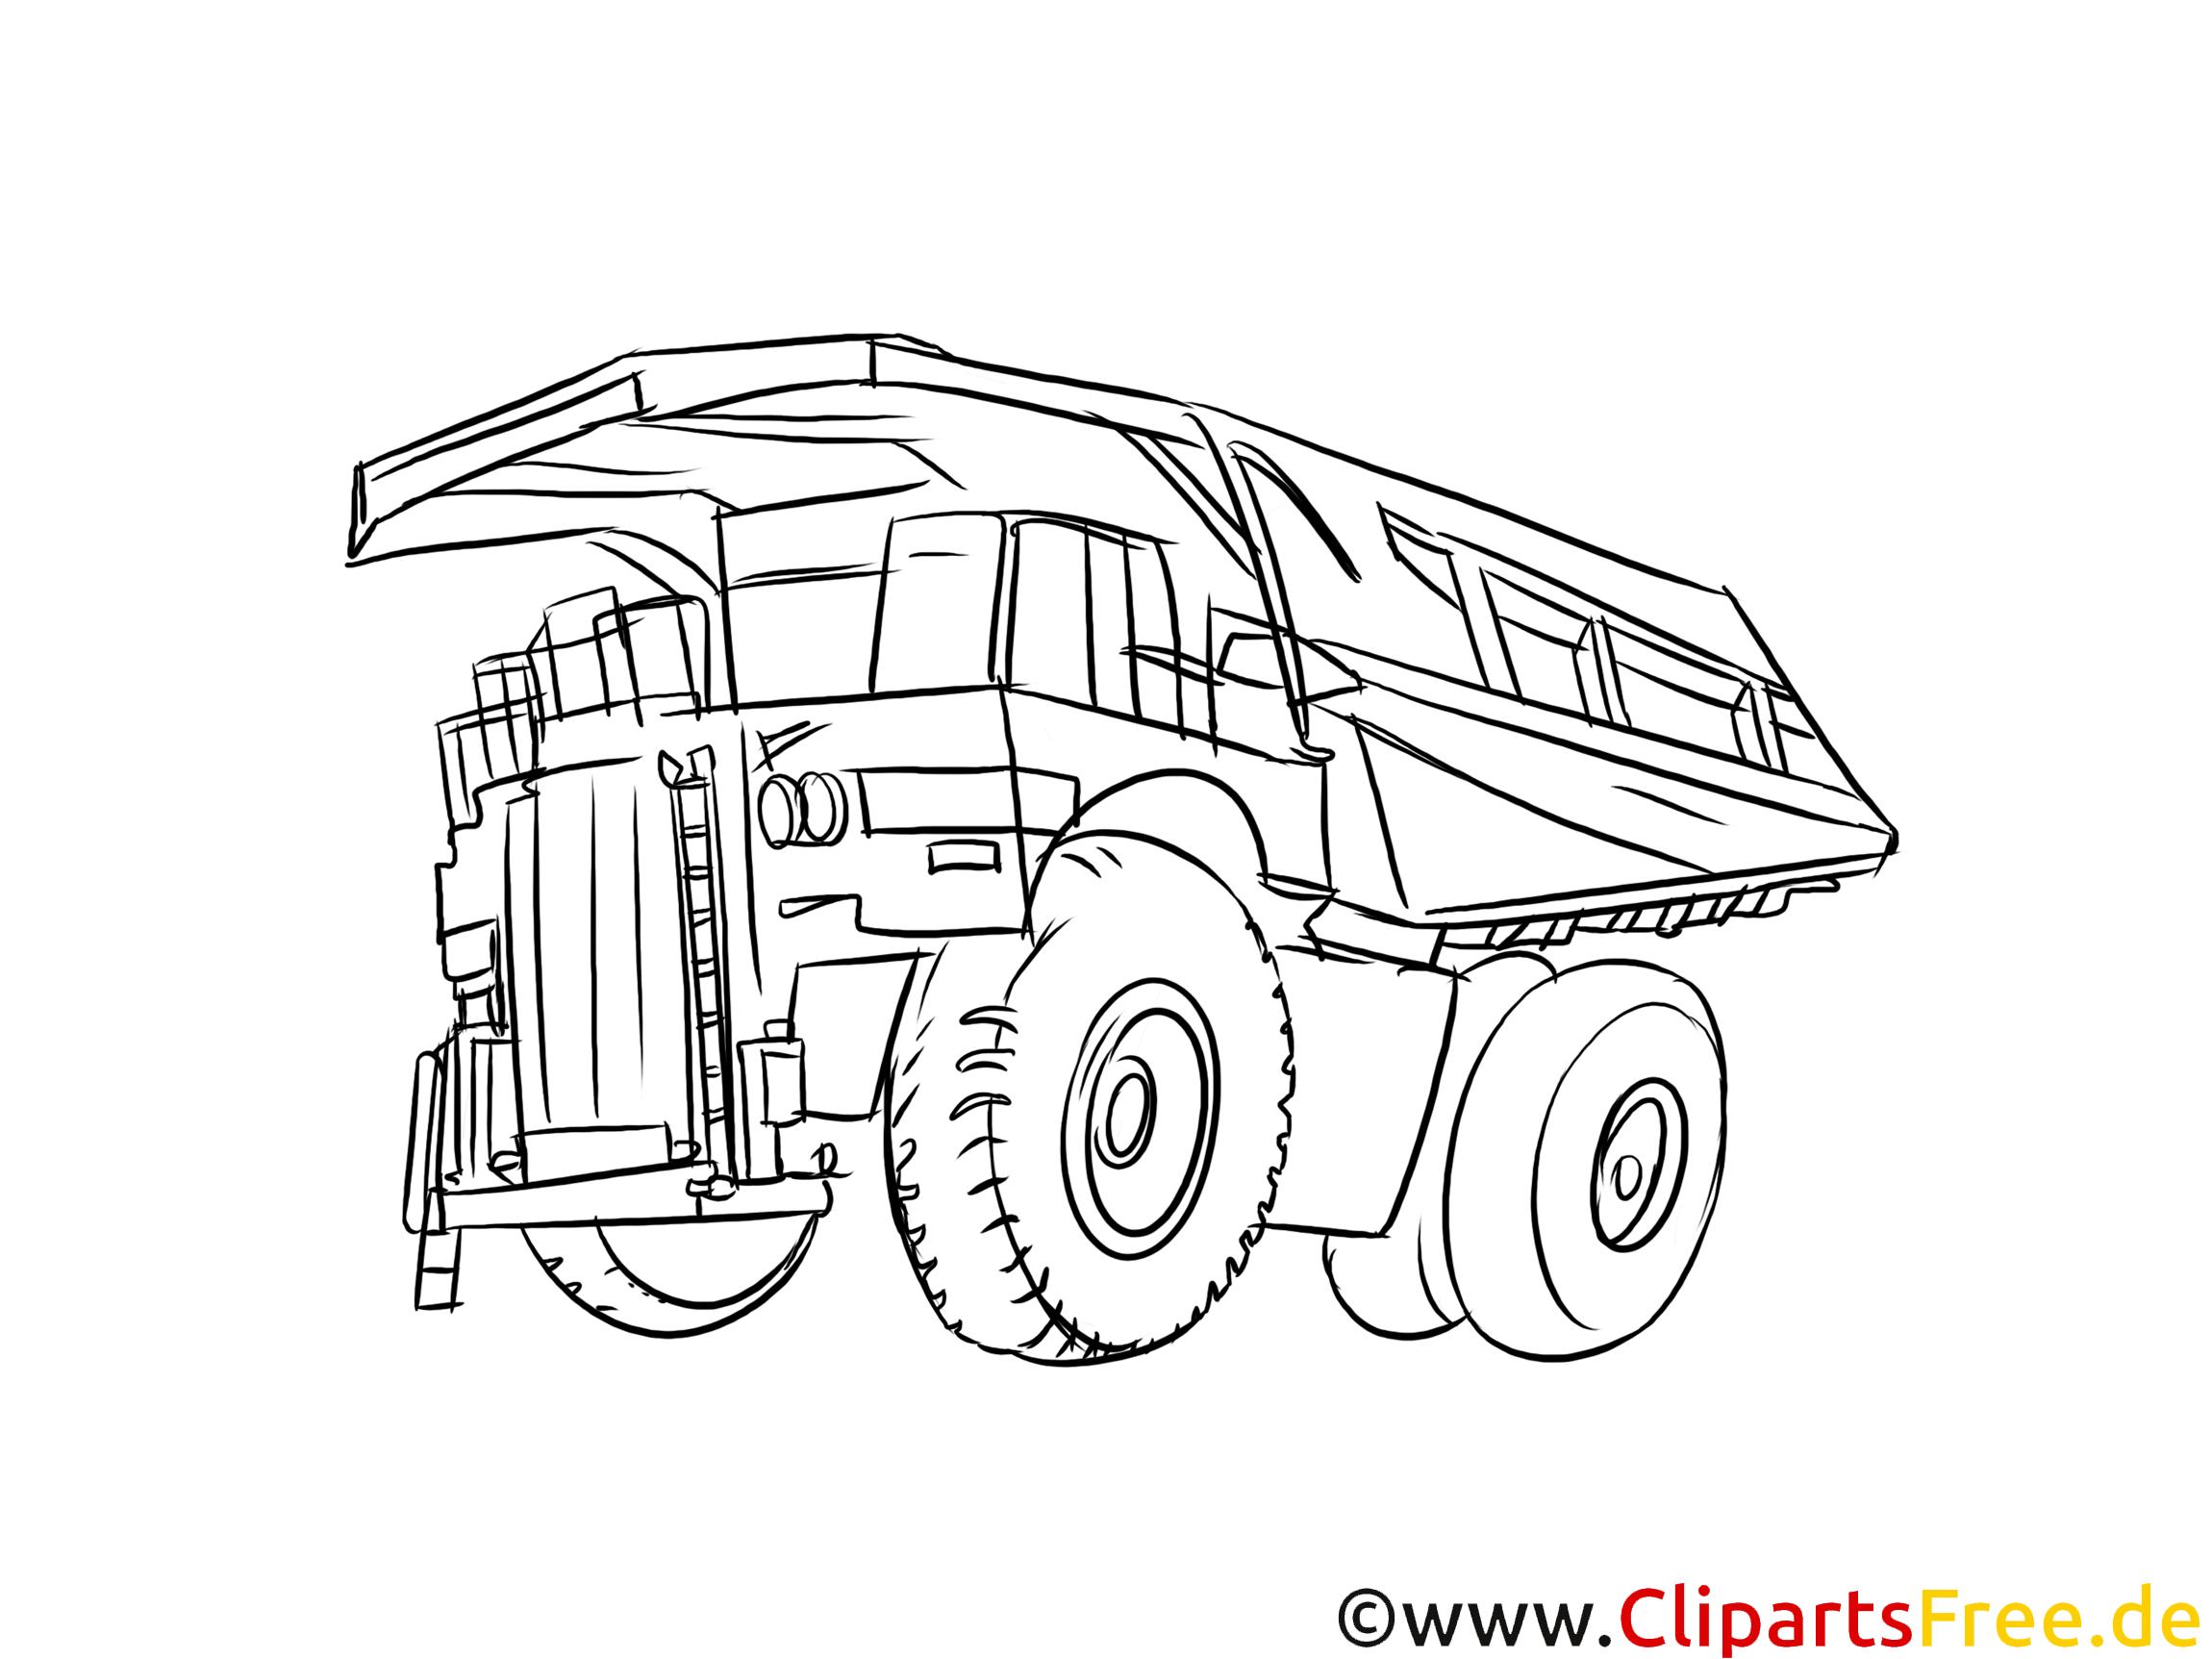 Minenfahrzeug, LKW, Kipper Bild schwarz-weiß, Vorlage zum Ausmalen